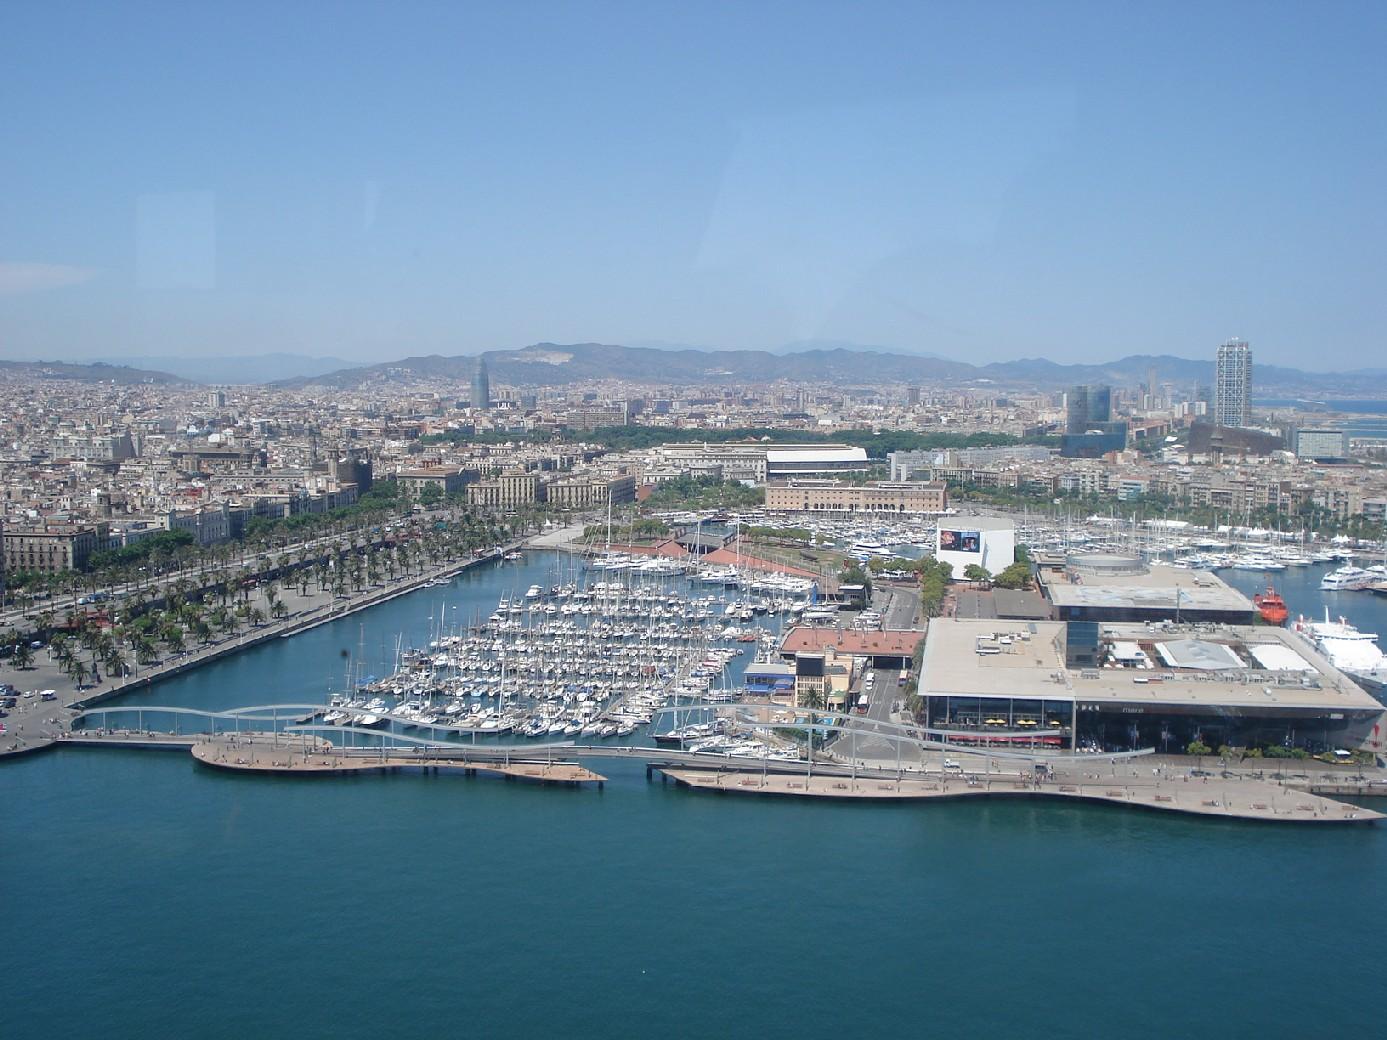 İspanya'da Ekonomik Kriz En Fazla İnşaat ve Endüstri Sektörlerini Vurdu